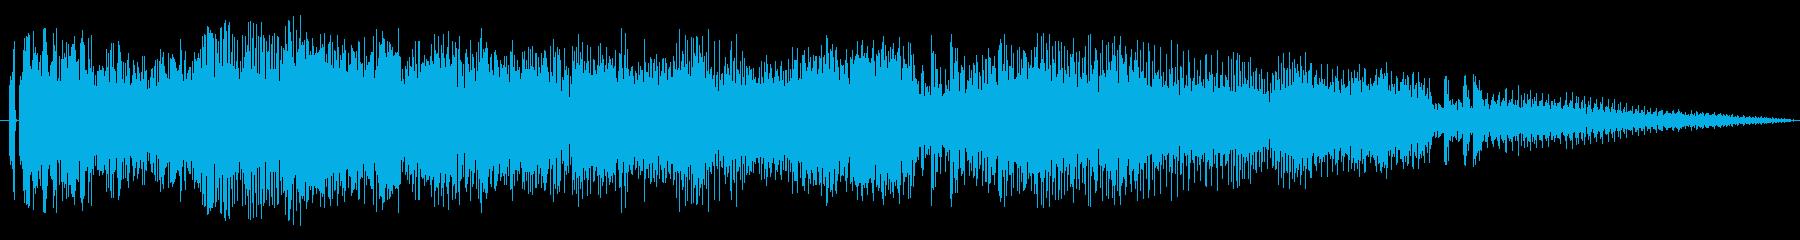 迫力あるレース/車のエンジン効果音です2の再生済みの波形